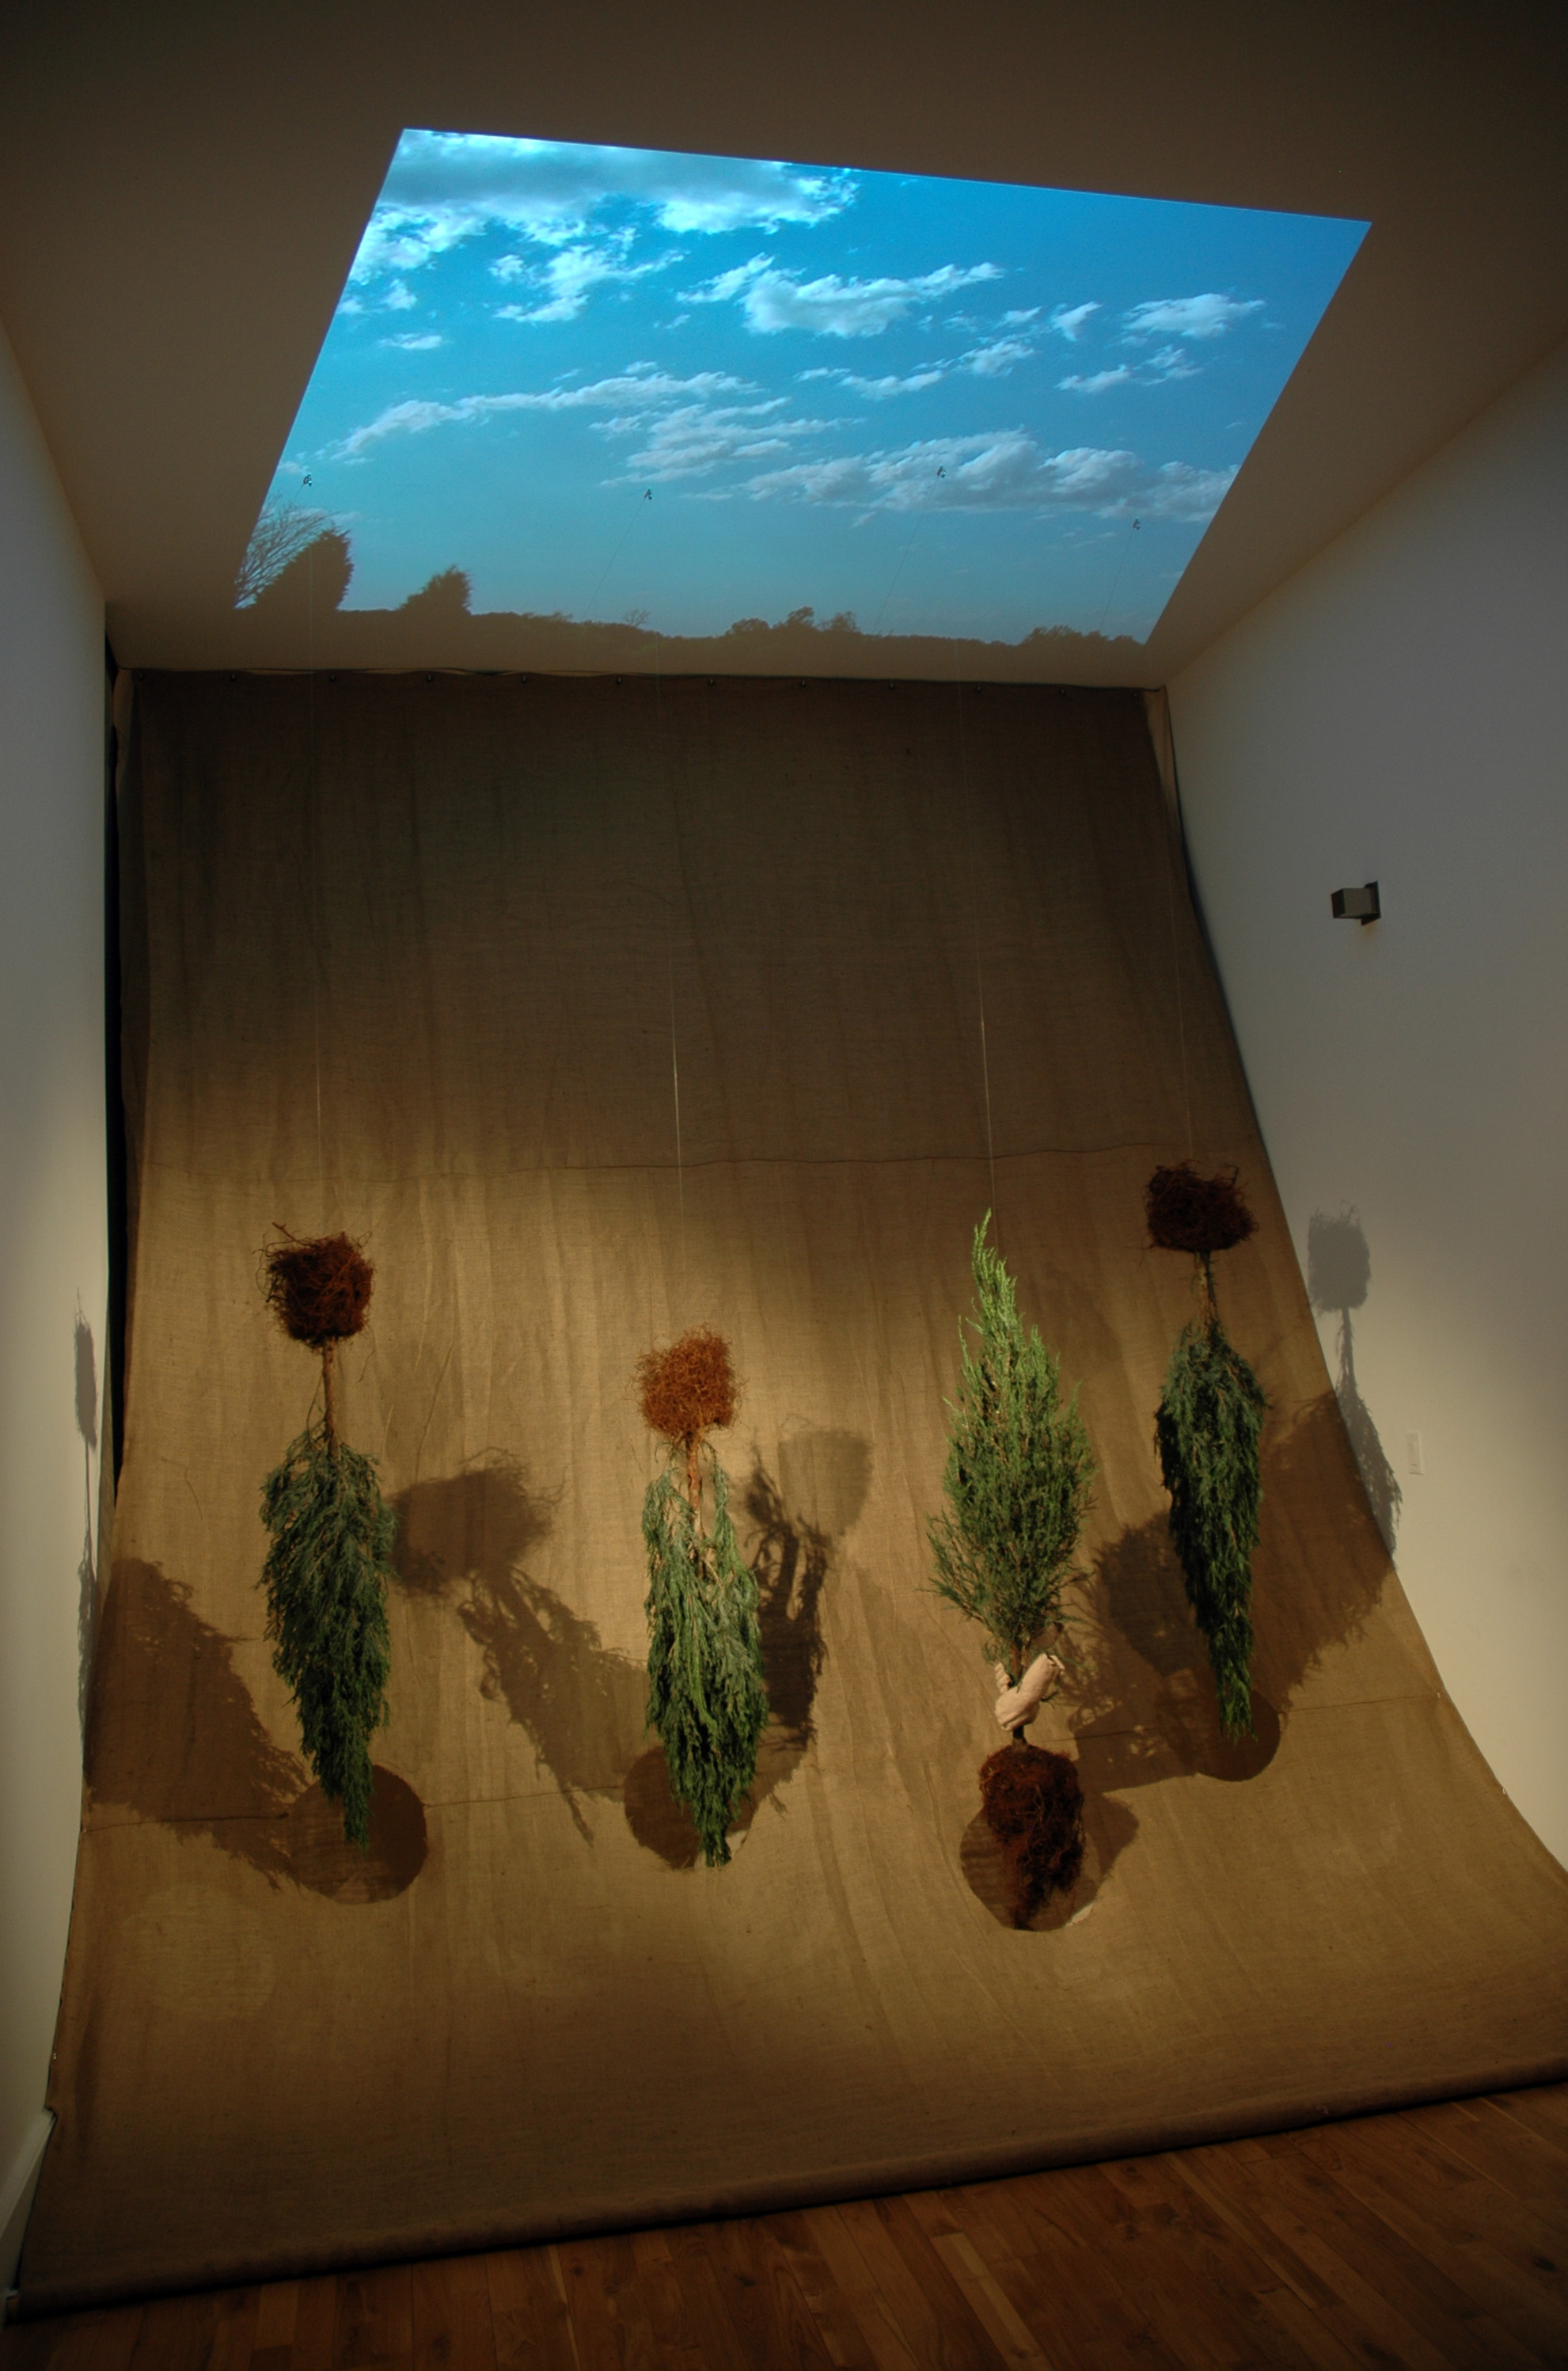 Uproot/Re-root  / 2009 / Burlap, juniper trees, cast paper, video projection / 13' x 12' x 8'